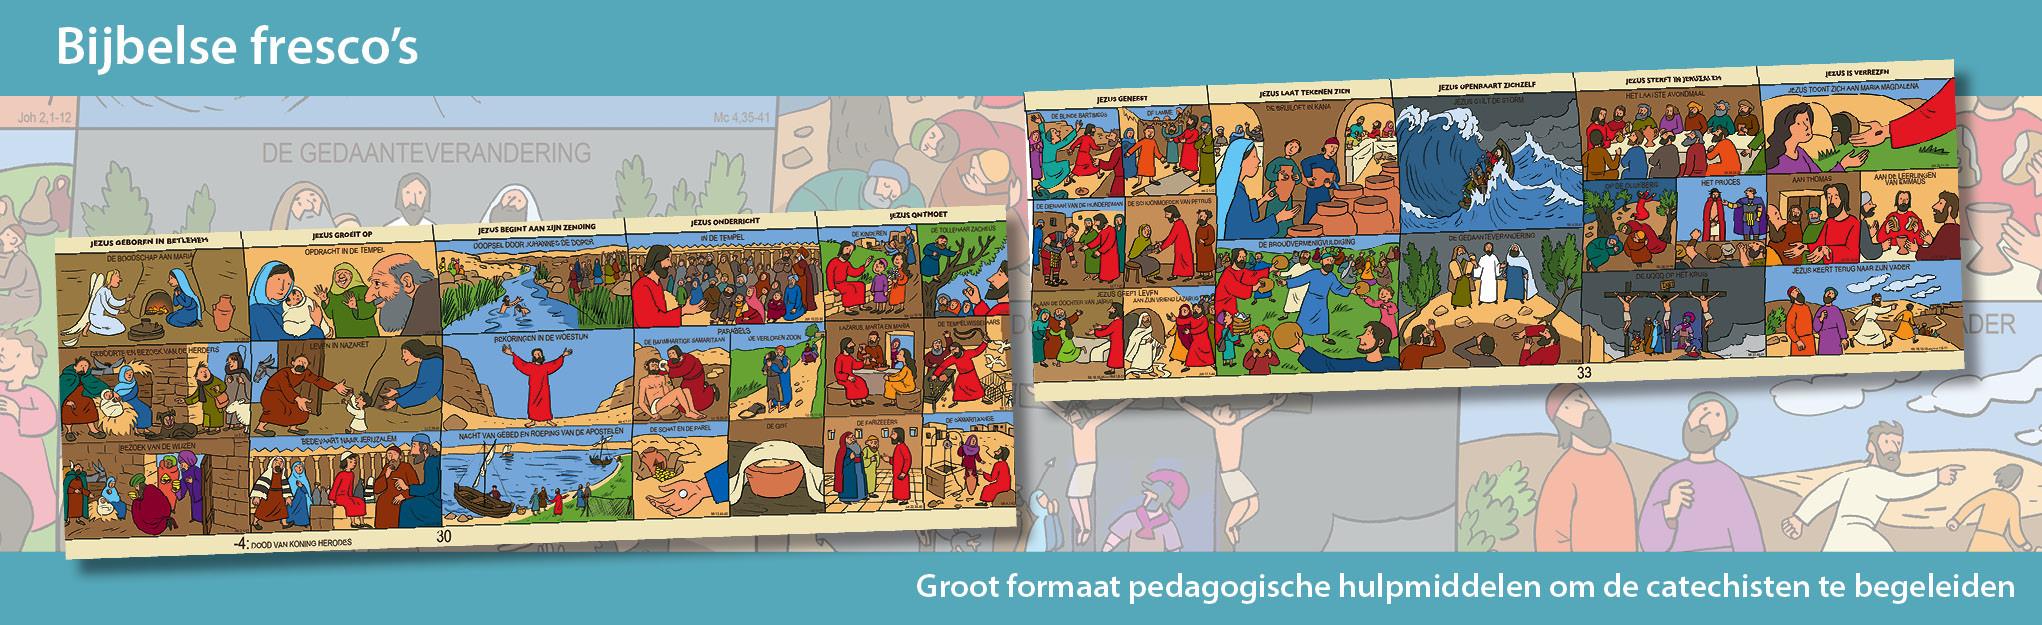 Groot formaat pedagogische hulpmiddelen